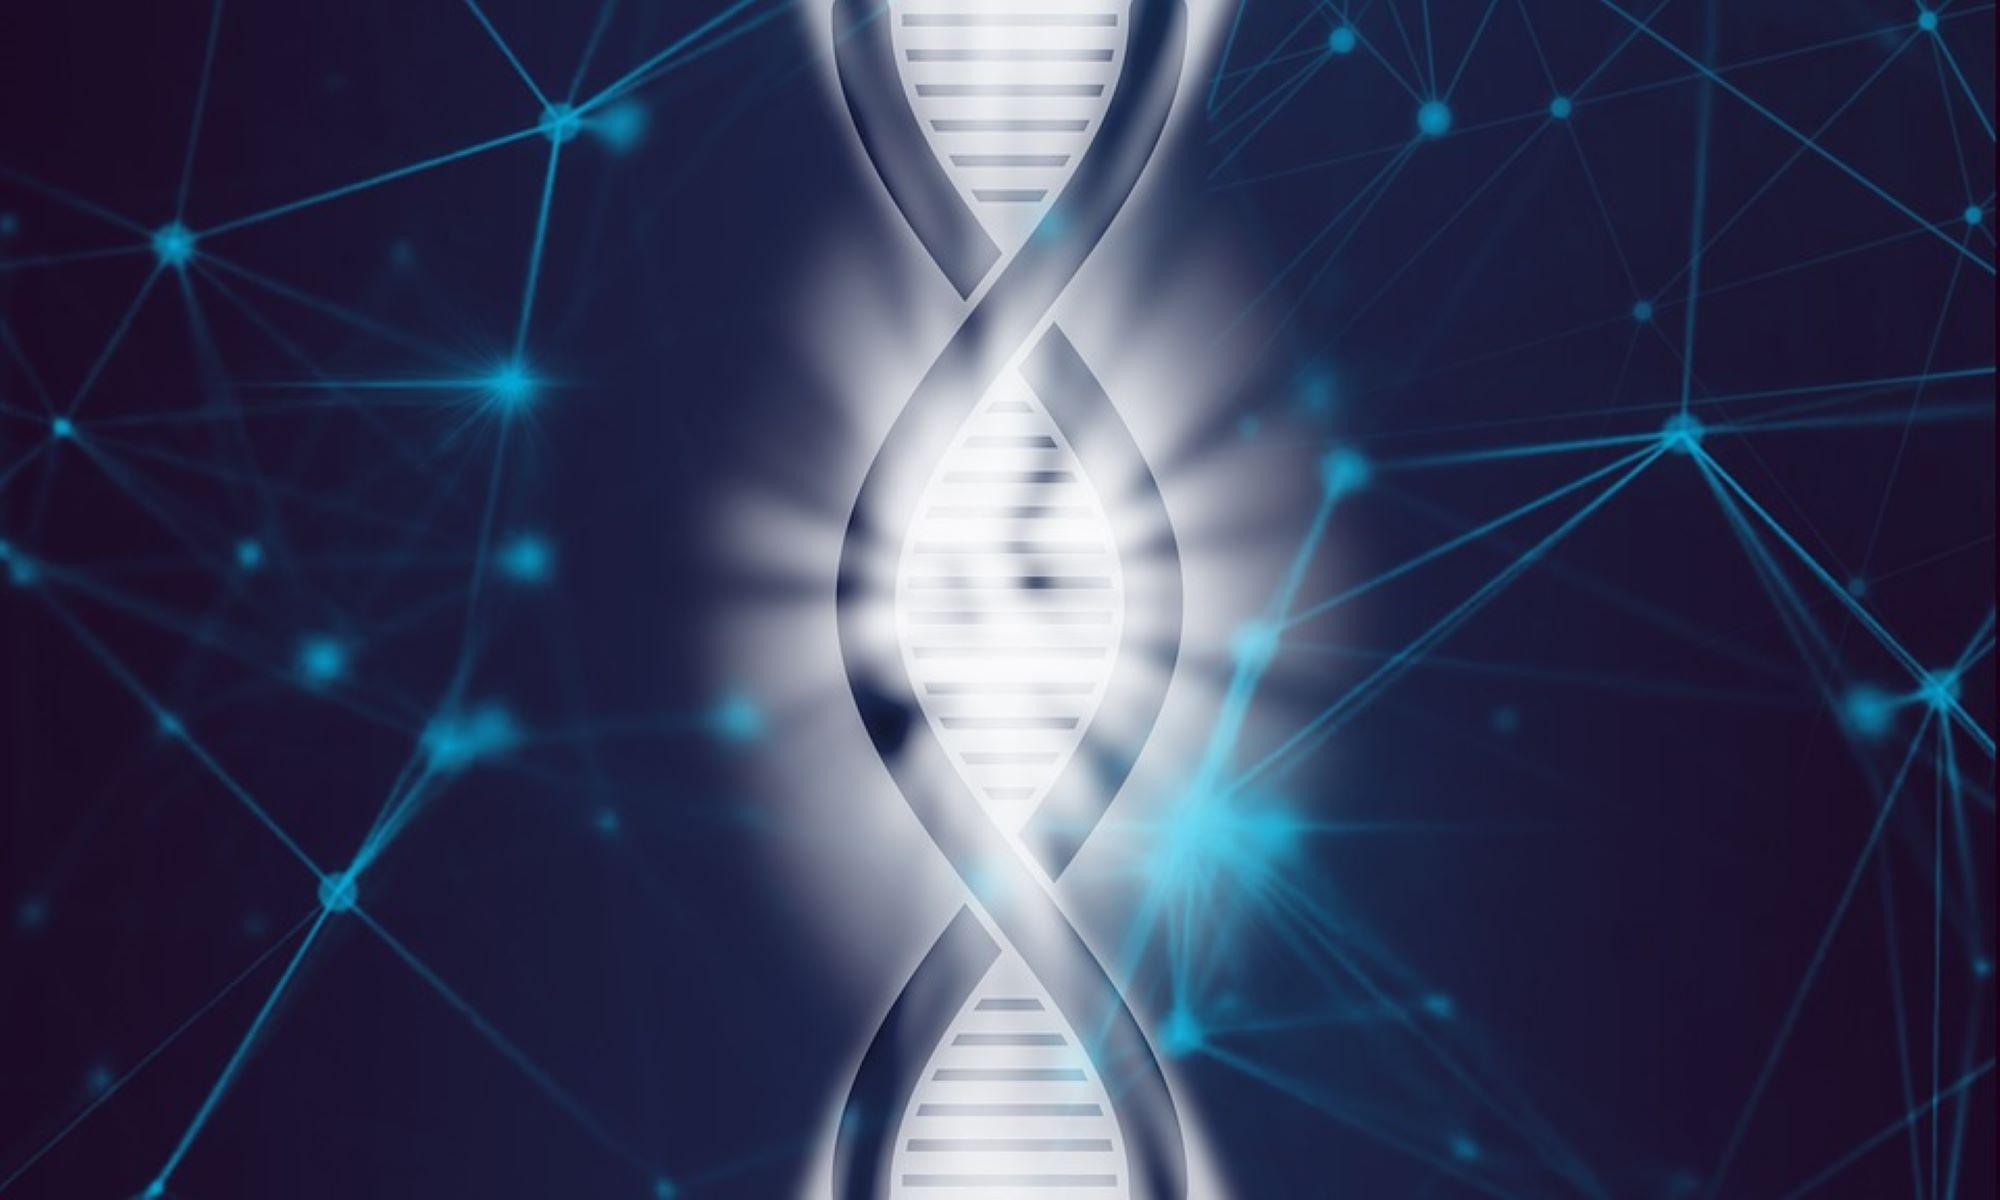 Χρήστος Δάκας: Η Novartis Gene Therapies φιλοδοξεί να γίνει η κορυφαία εταιρεία ανάπτυξης γονιδιακών θεραπειών